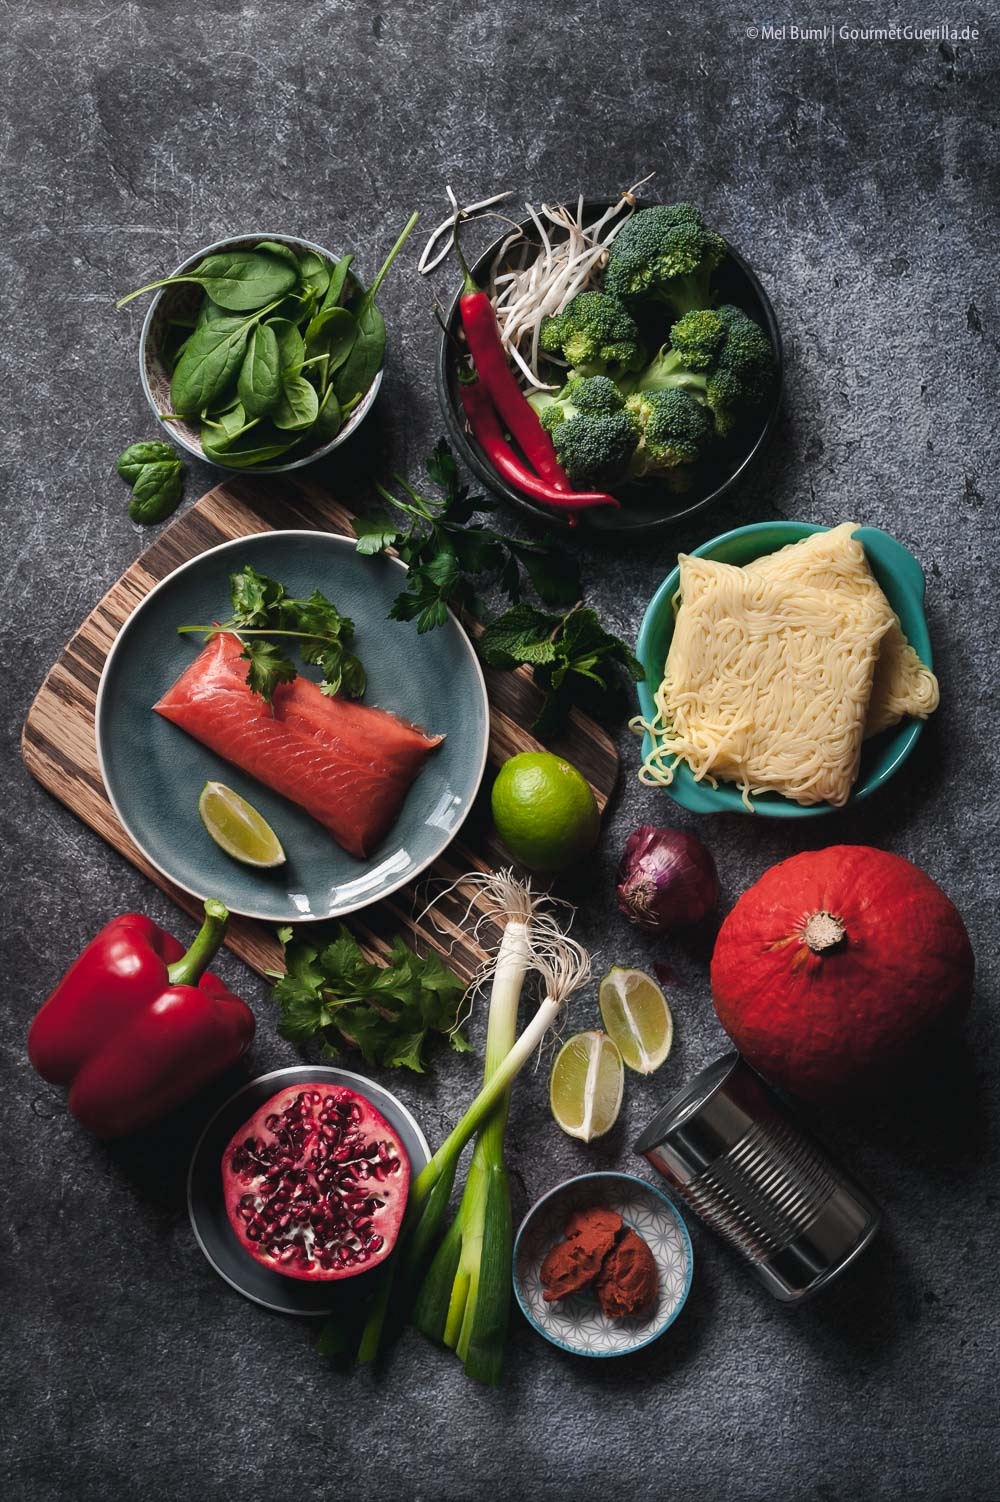 Zutaten Winterliche Kürbis-Laksa mit viel Gemüse, zartem Lachs und Granatapfel Nudelsuppe aus Malaysia |GourmetGuerilla.de